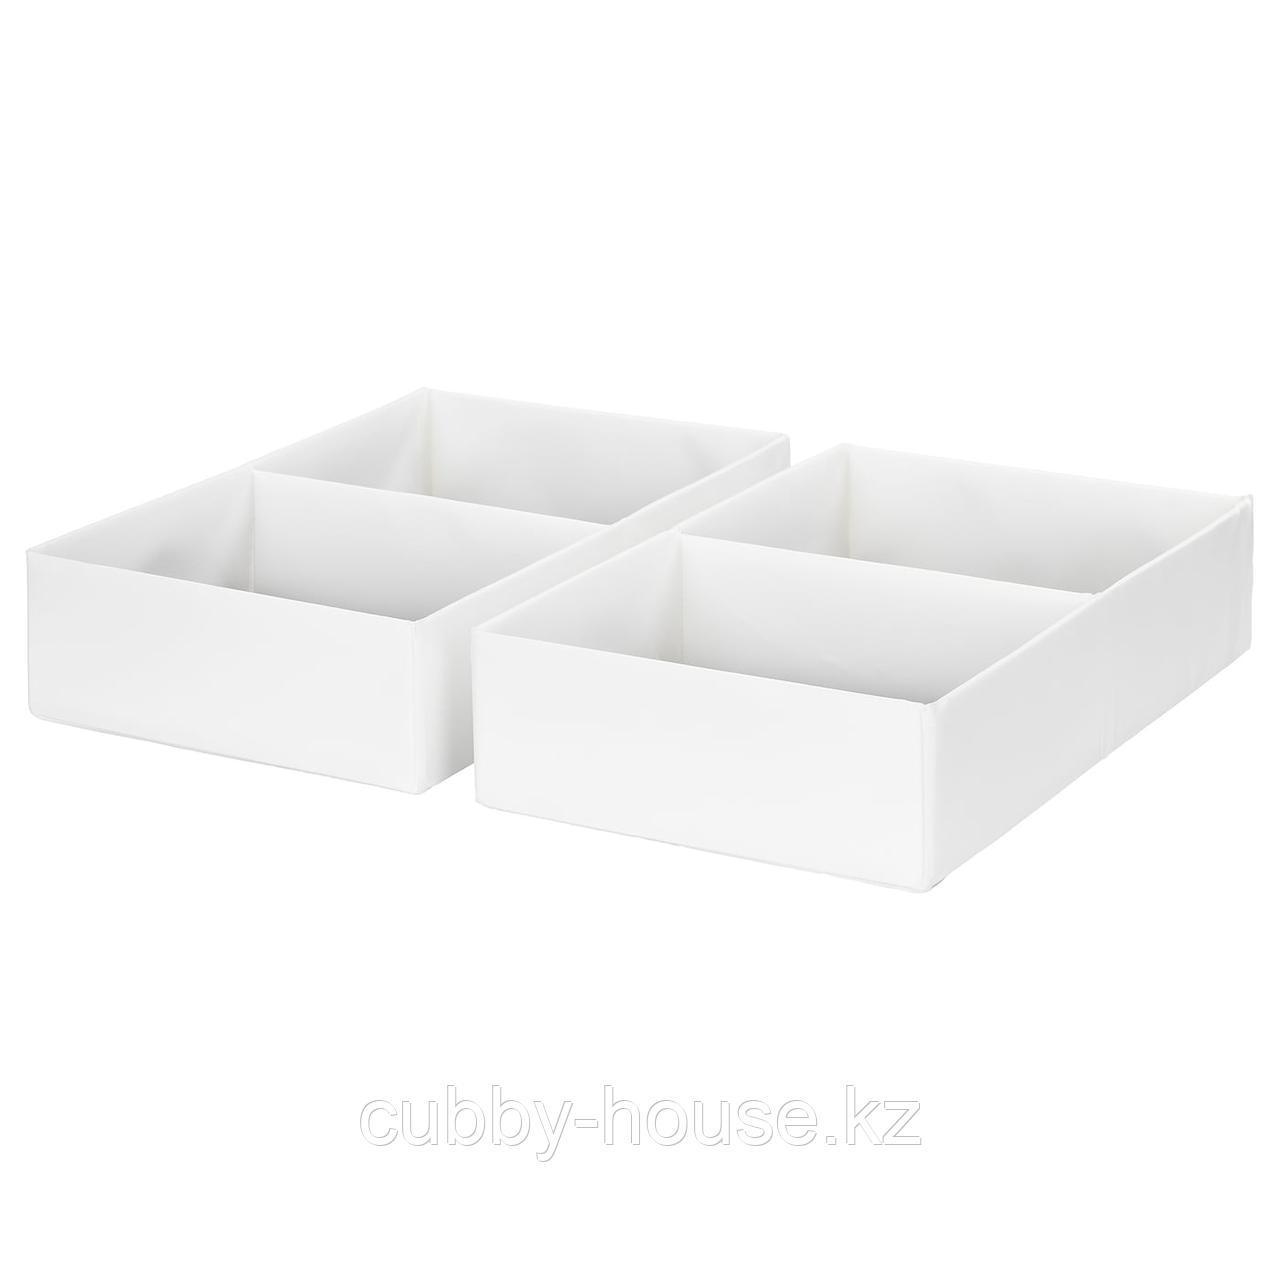 РАССЛА Ящик с отделениями, белый, 25x41x9 см